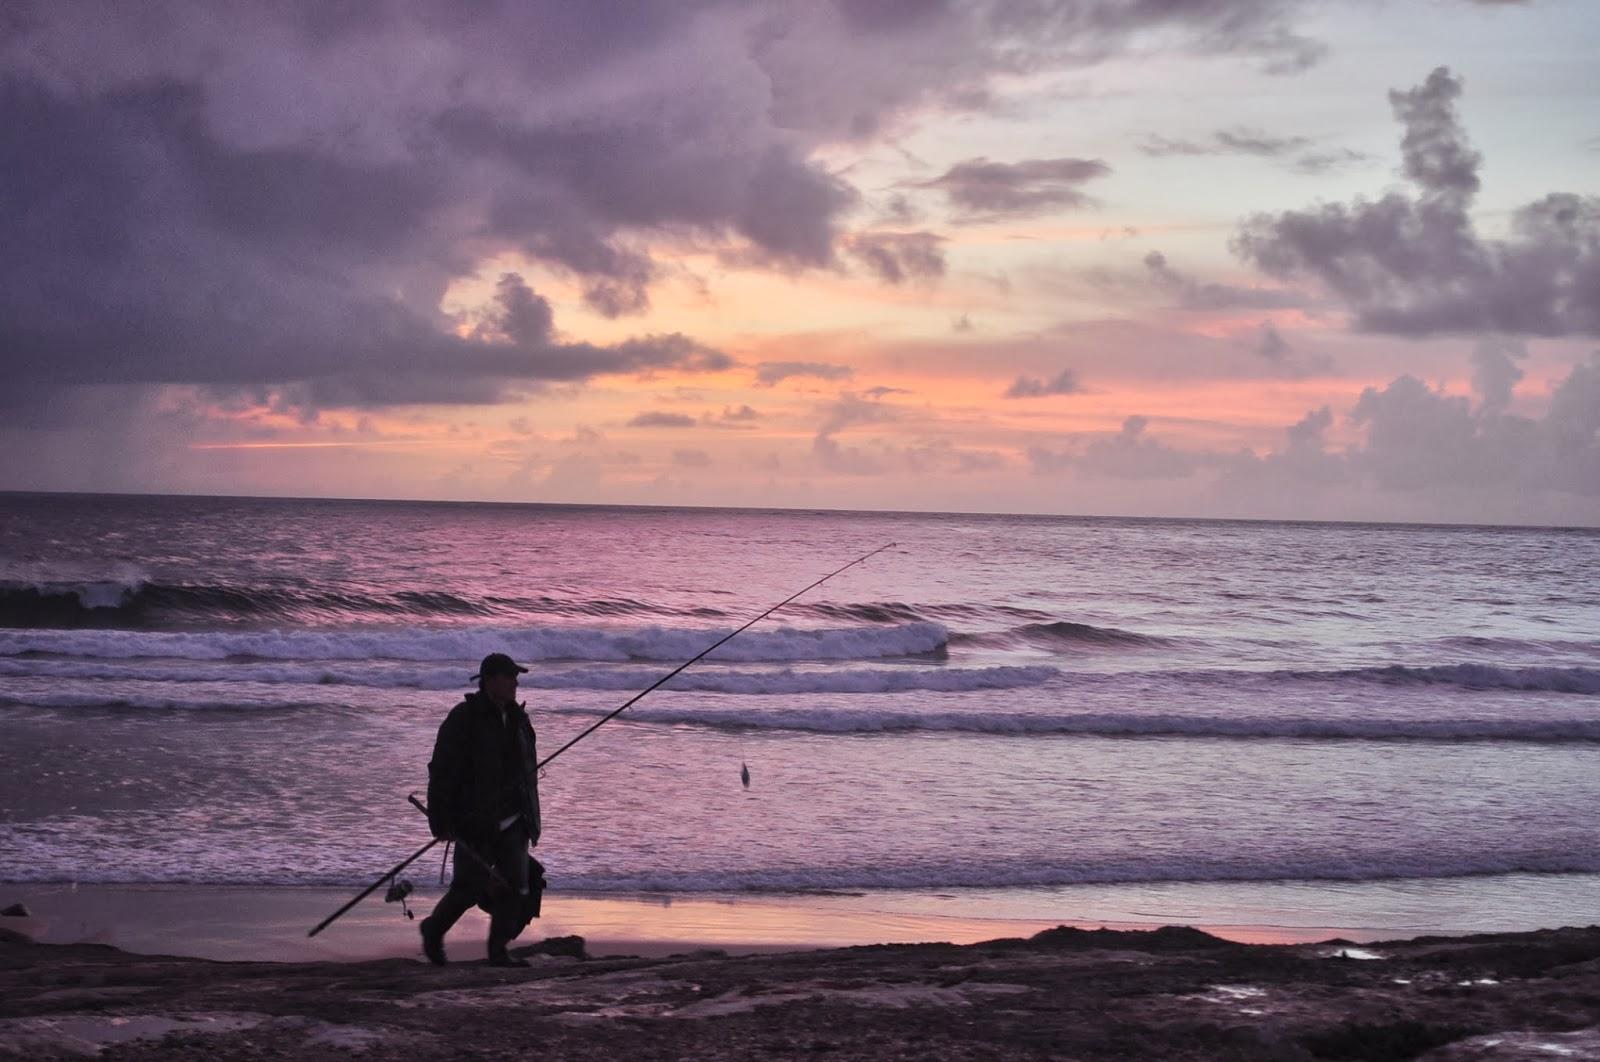 Местен рибар бърза да нахрани децата със сромния си улов. Кошта да Капарика